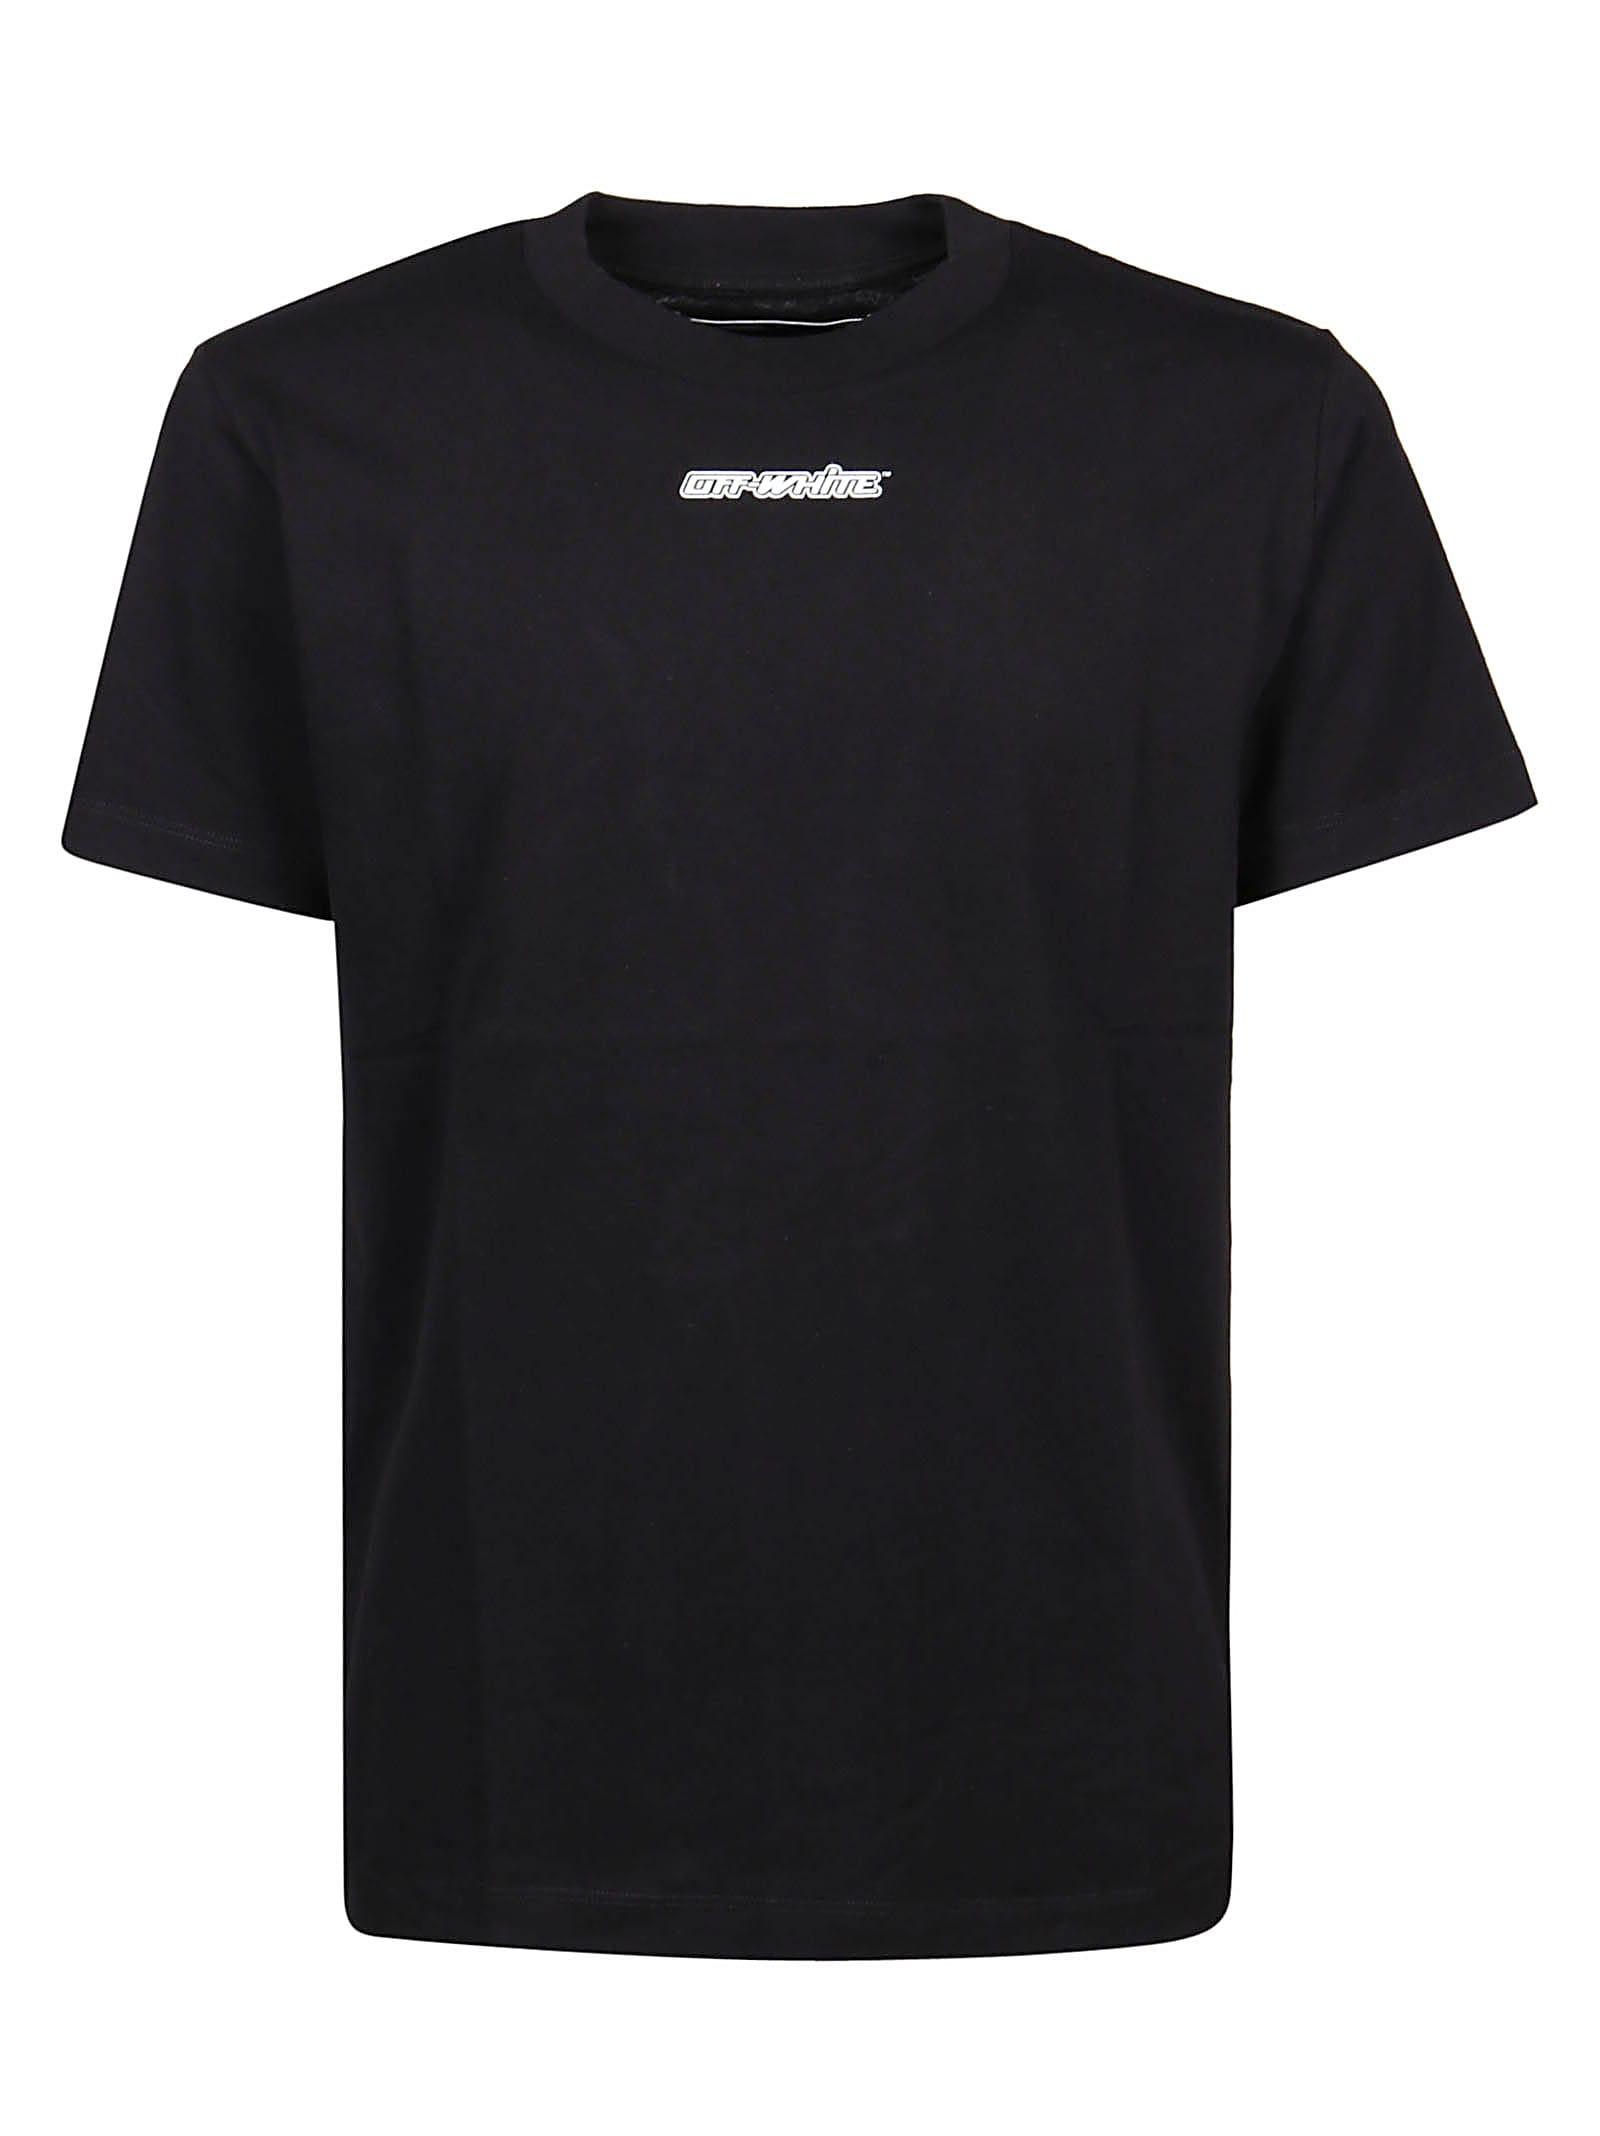 Off-White T-shirt Marker S/s Slim